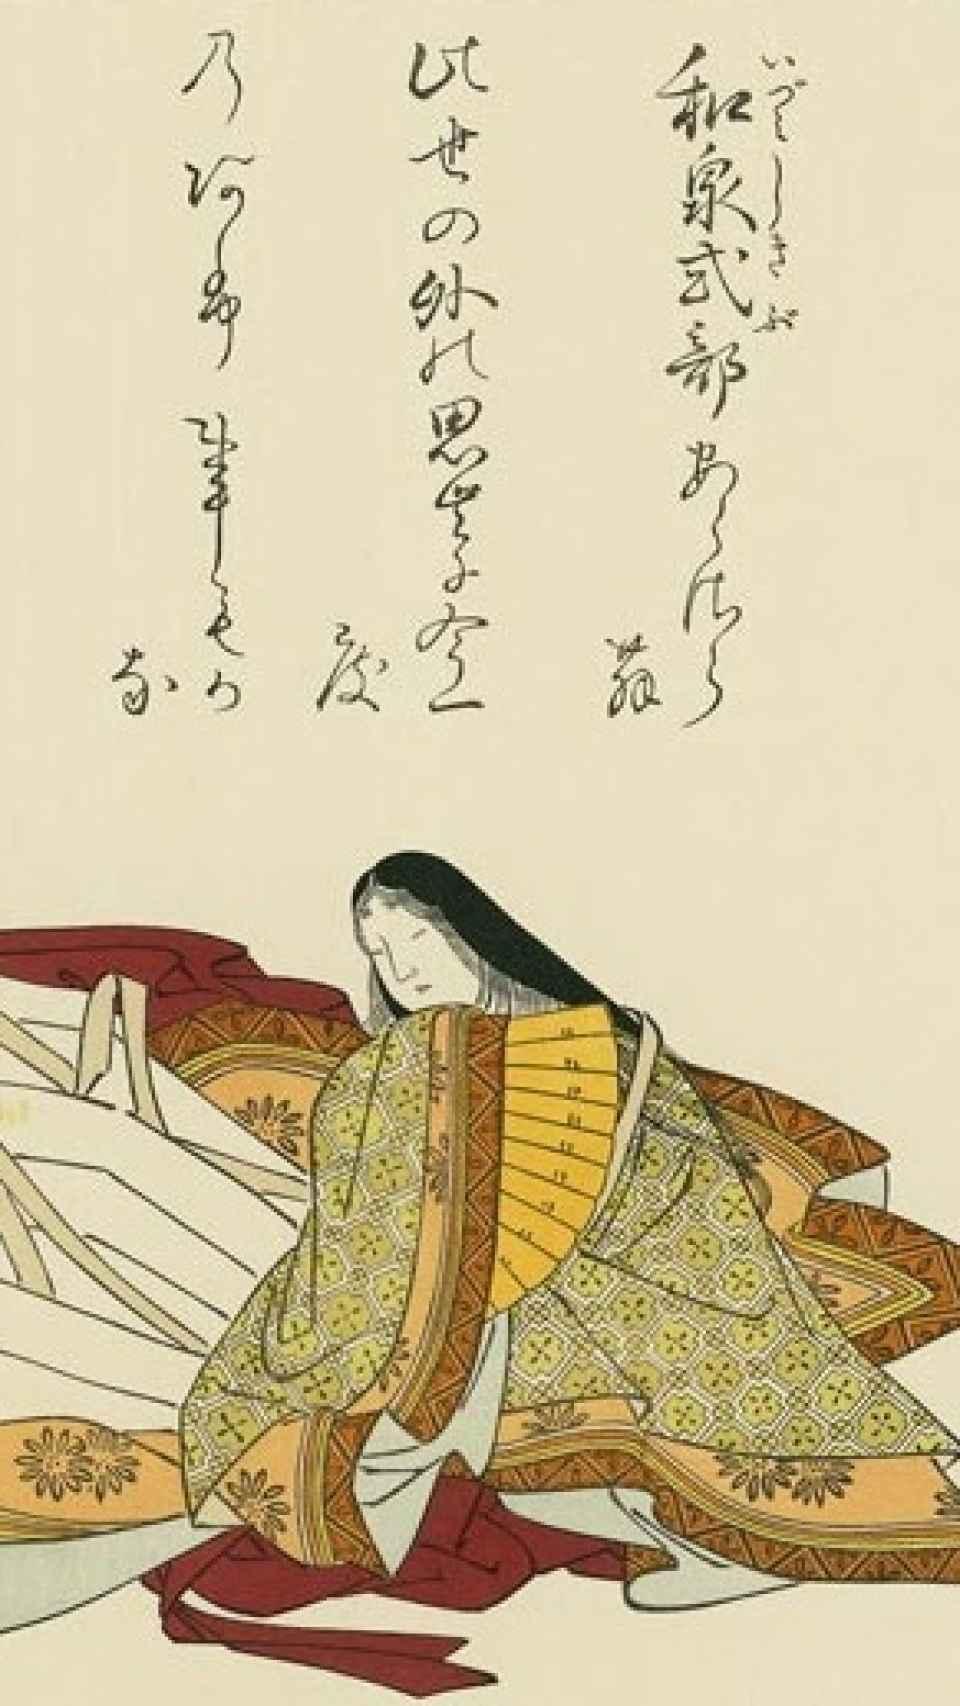 La poeta japonesa Izumi Shikibu.